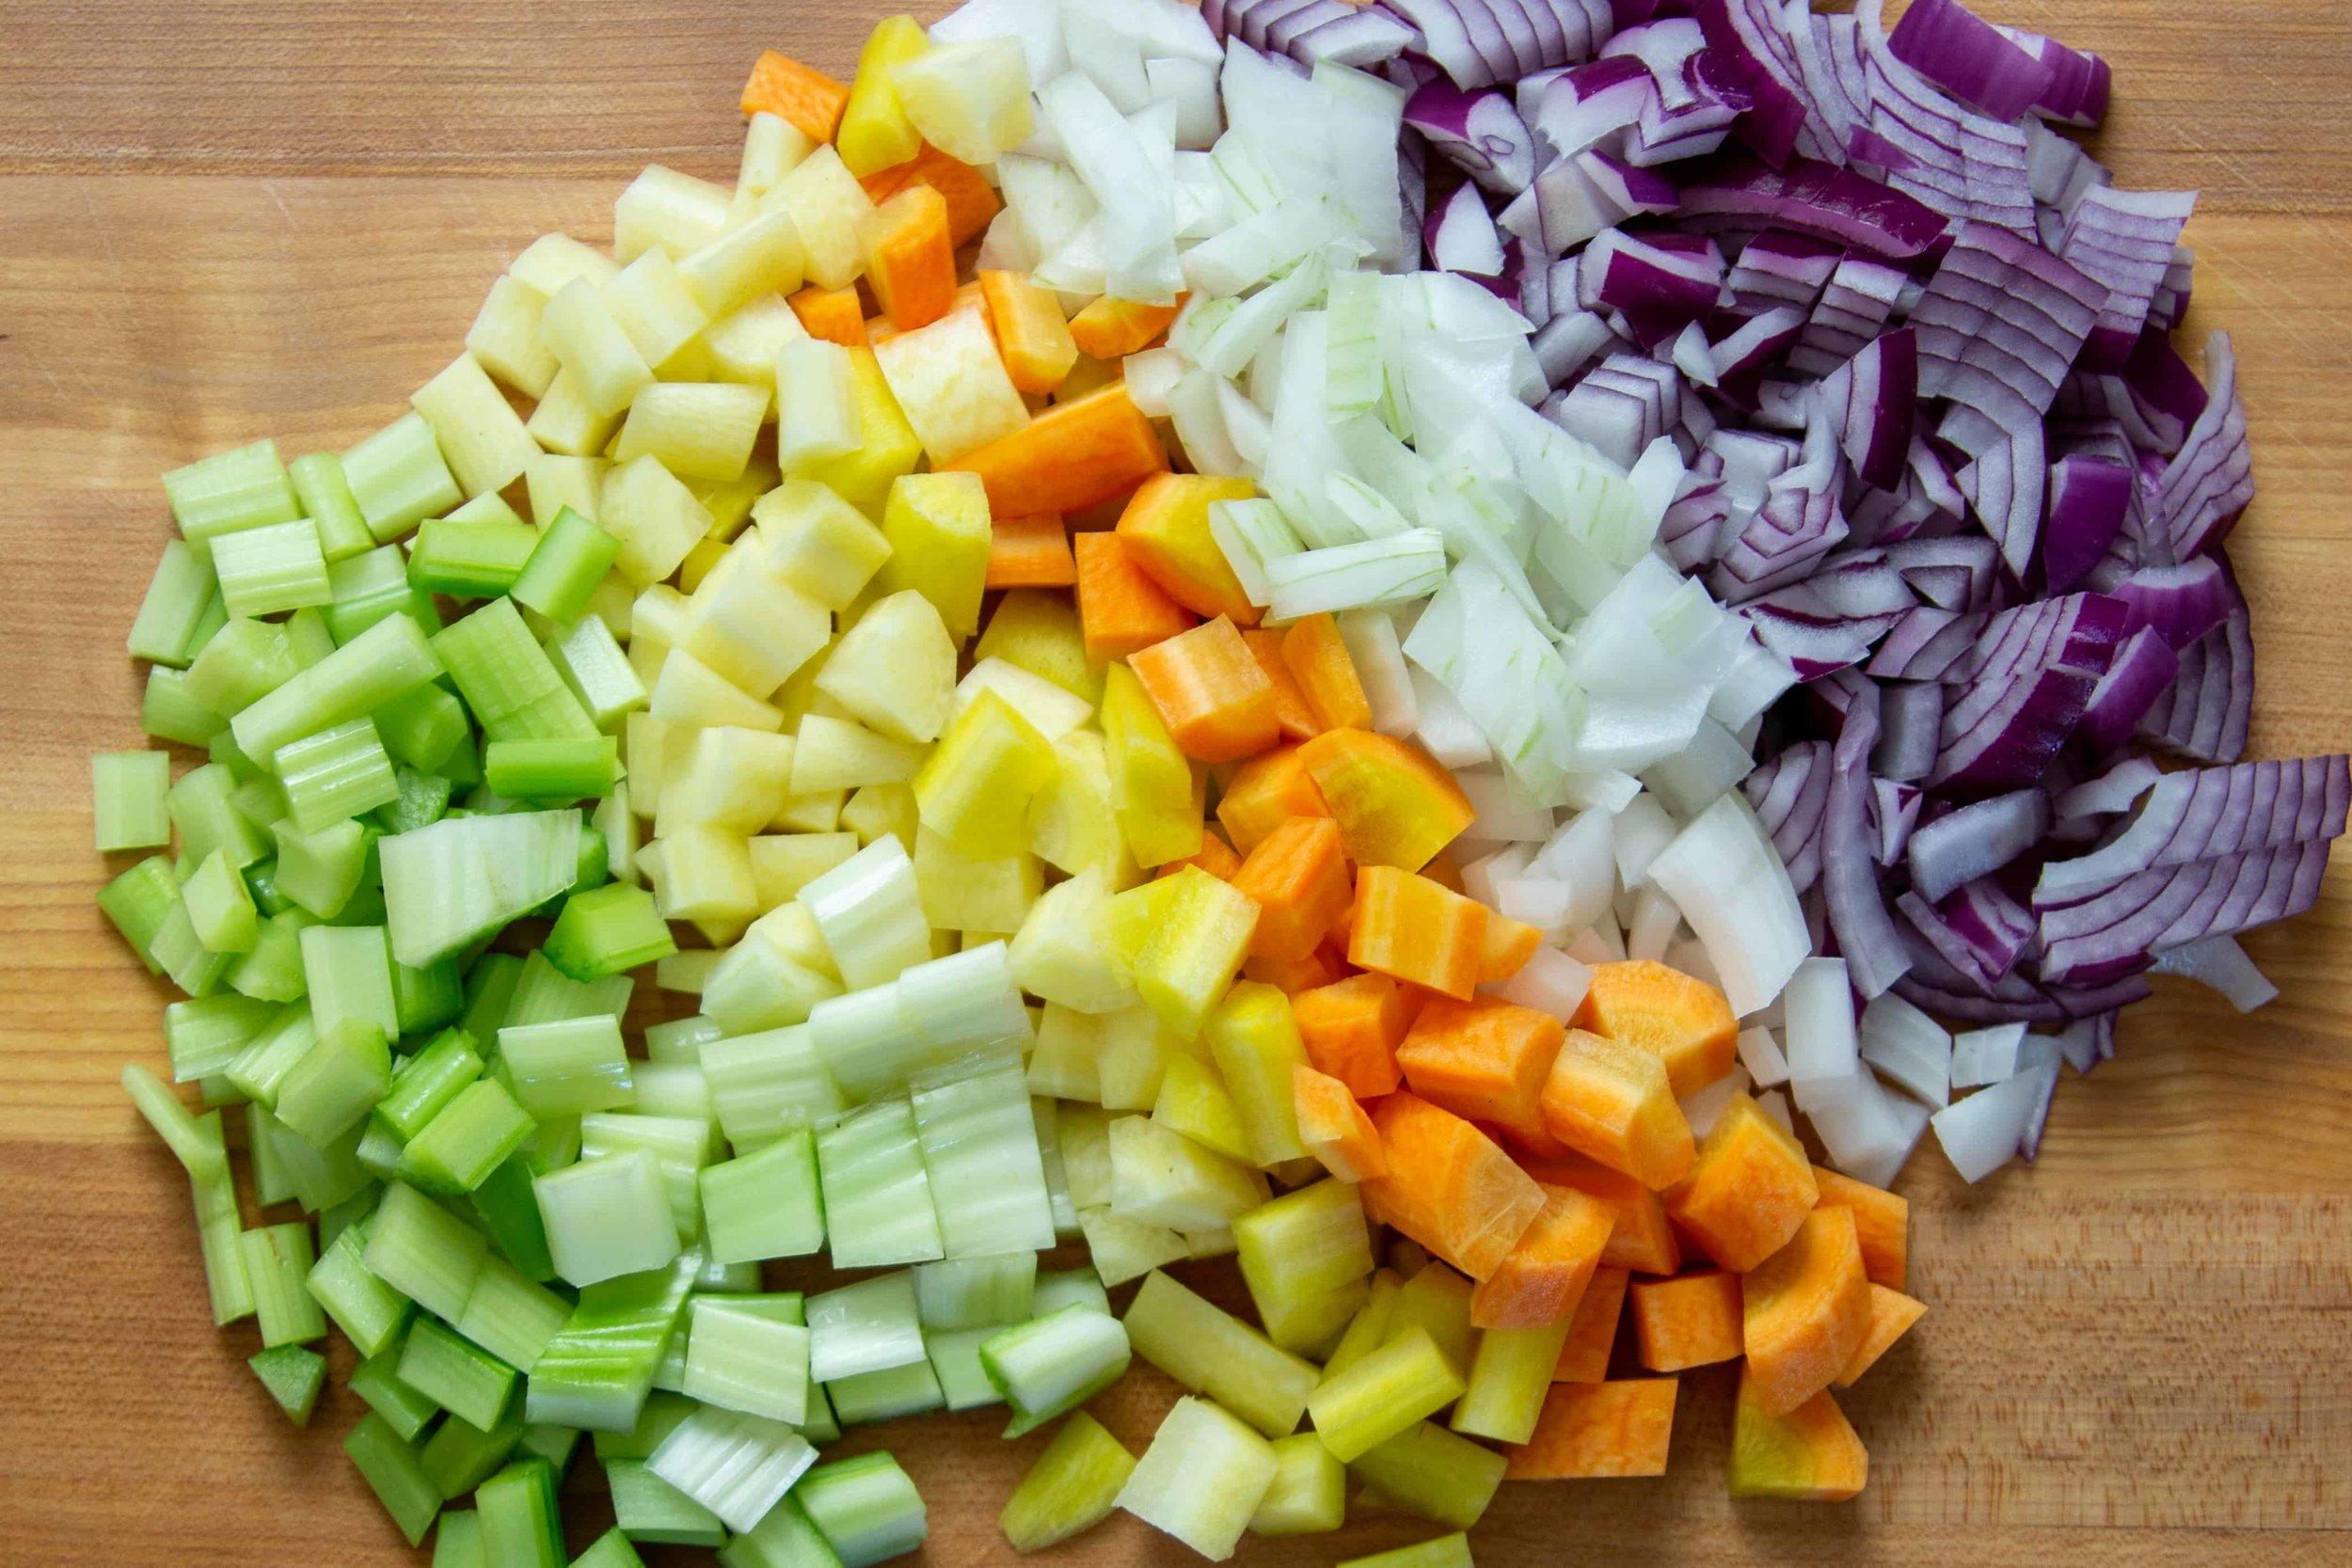 base-veggies-for-soup.jpg